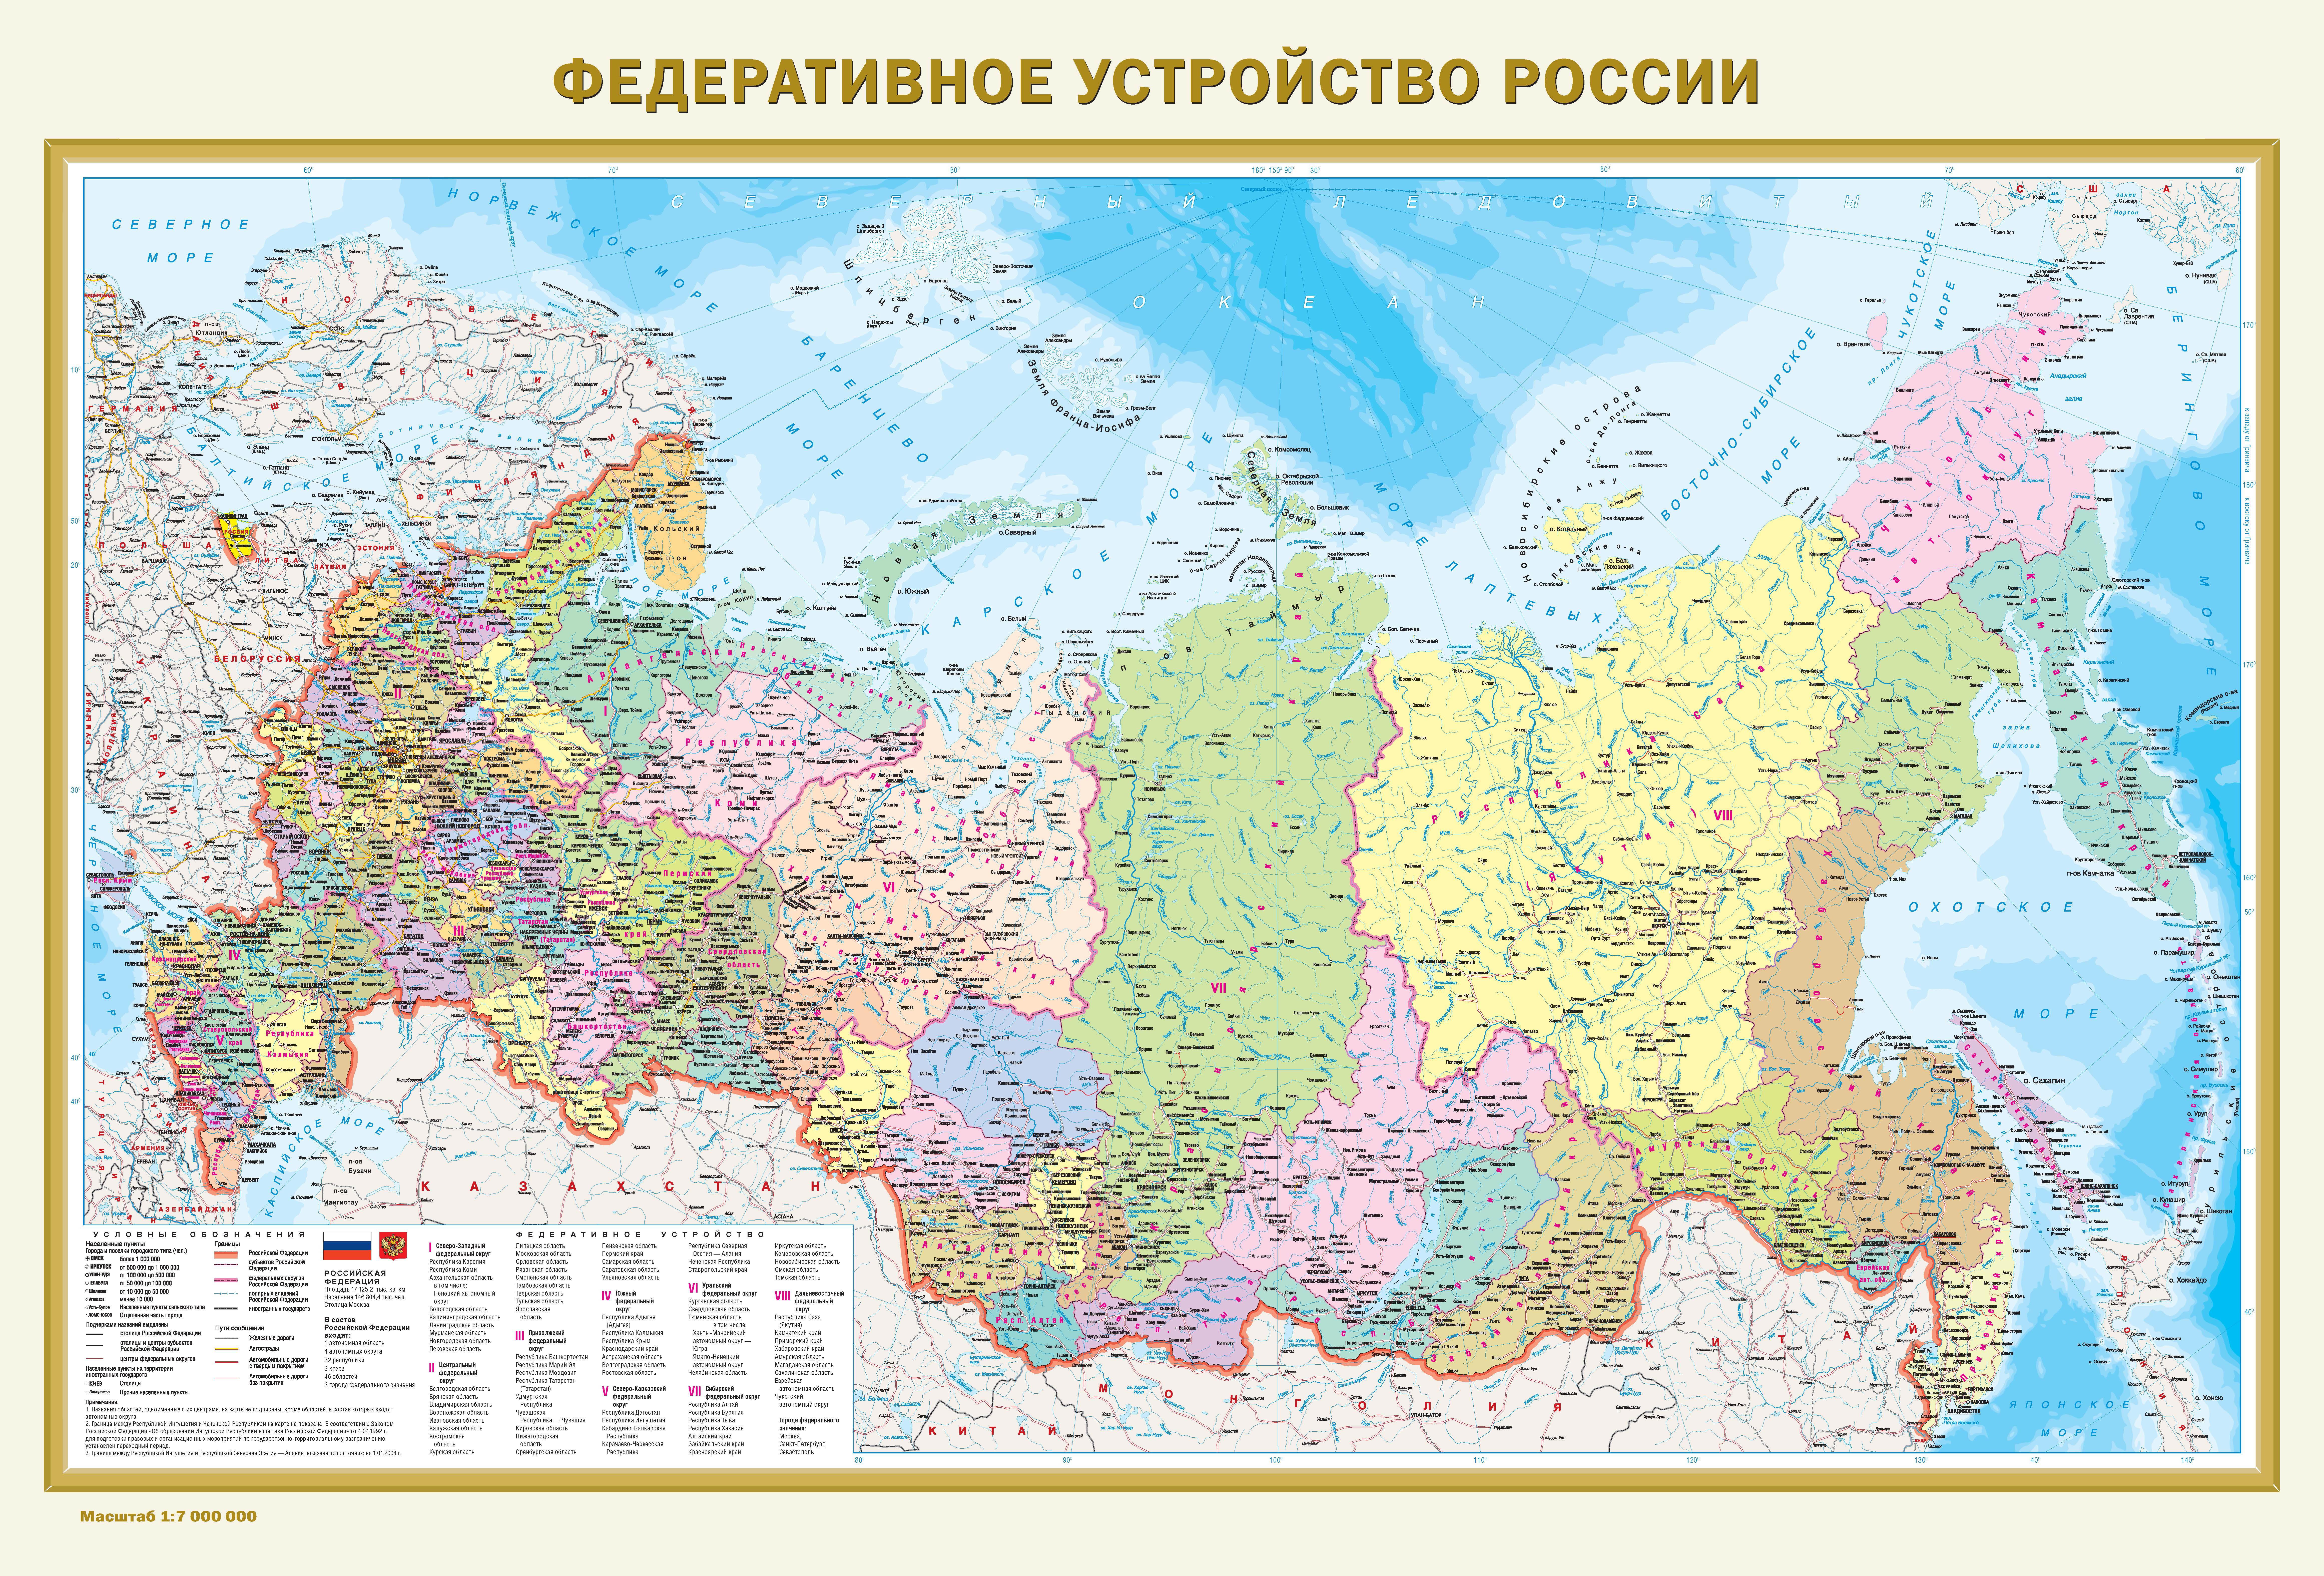 Федеративное устройство России, Физическая карта России